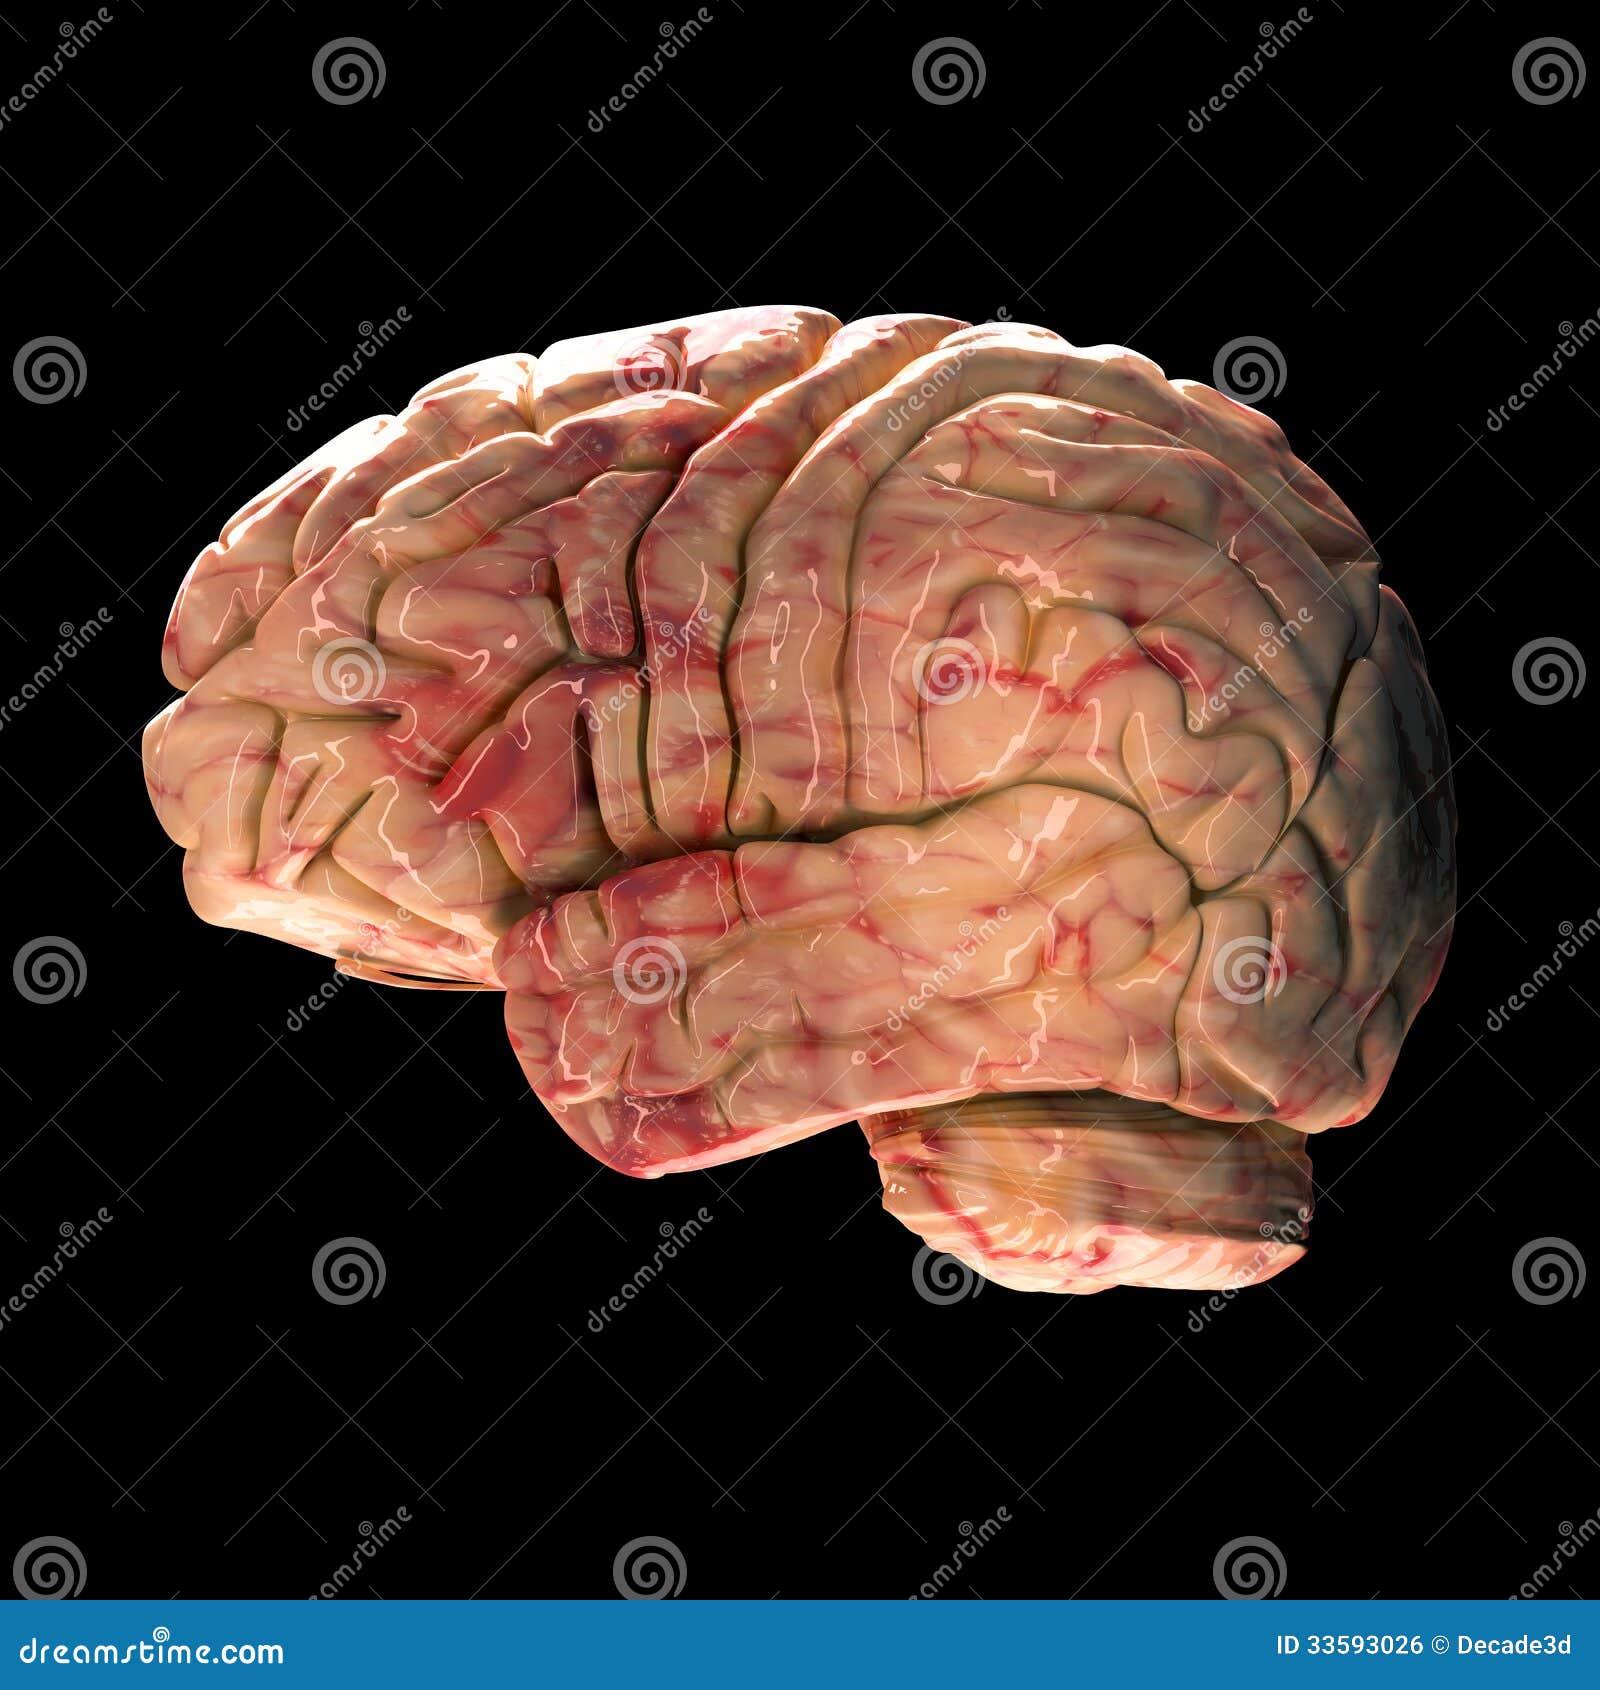 Anatomie-Gehirn - Seitenansicht Stockfoto - Bild von nahaufnahme ...